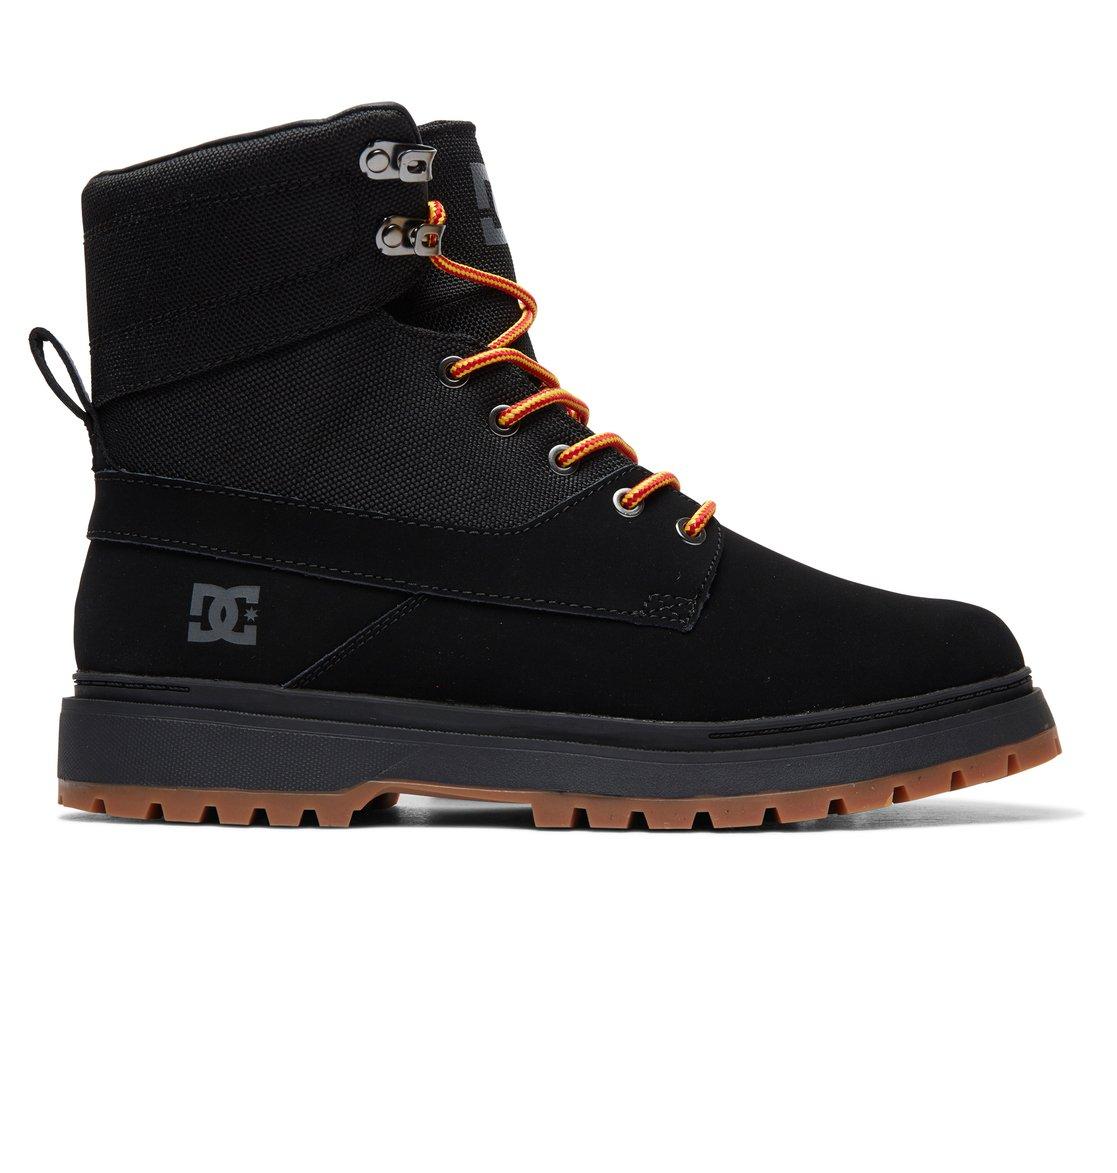 Pour Shoes À Adyb700023 Dc Uncas Homme Lacets Bottes FUAvxA